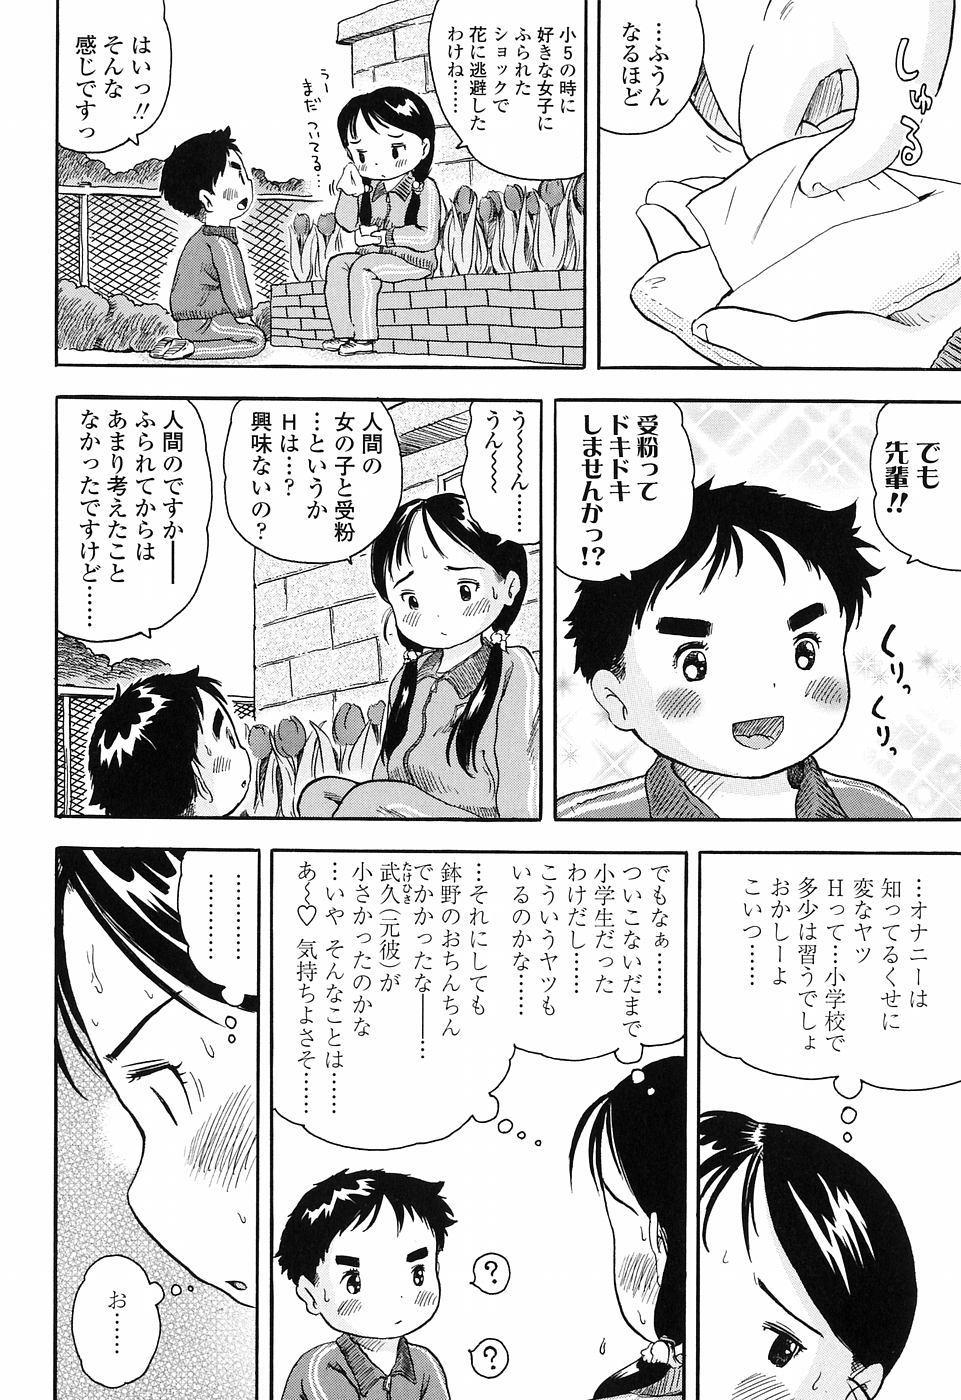 Koisuru Fukurami 165